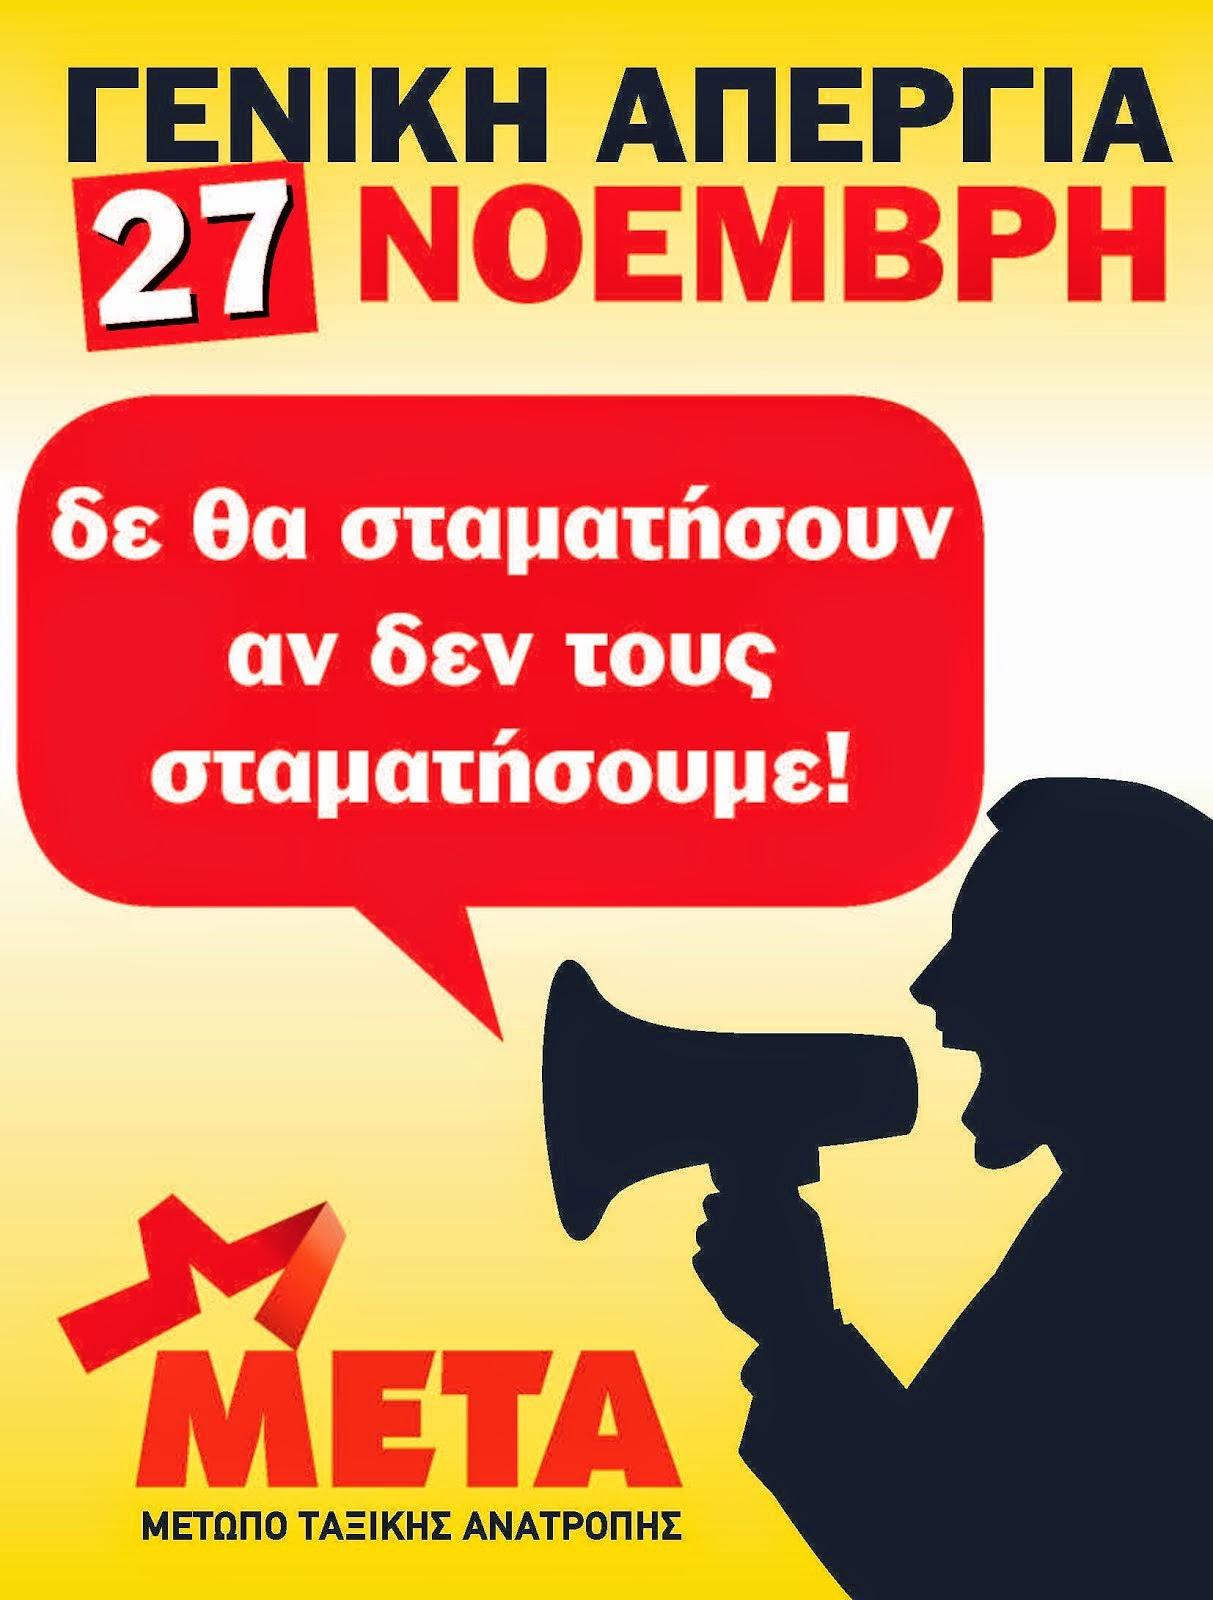 Απεργία 27/11/2014